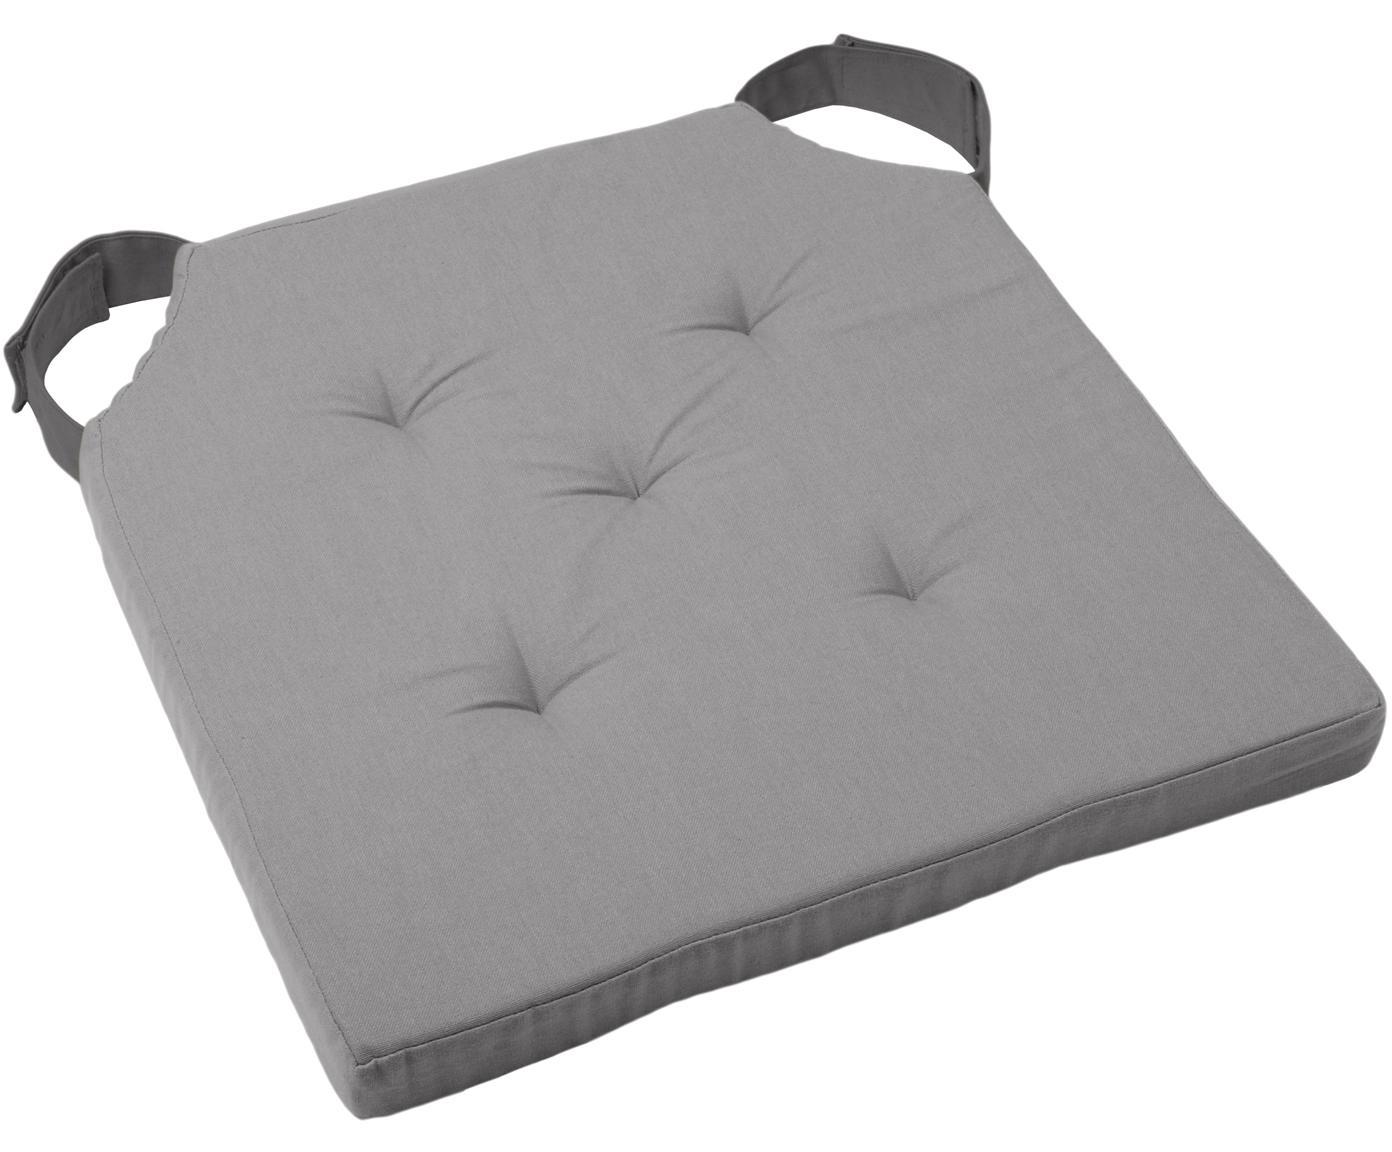 Sitzkissen Duo in Grau, Bezug: Baumwolle, Grau, 40 x 40 cm